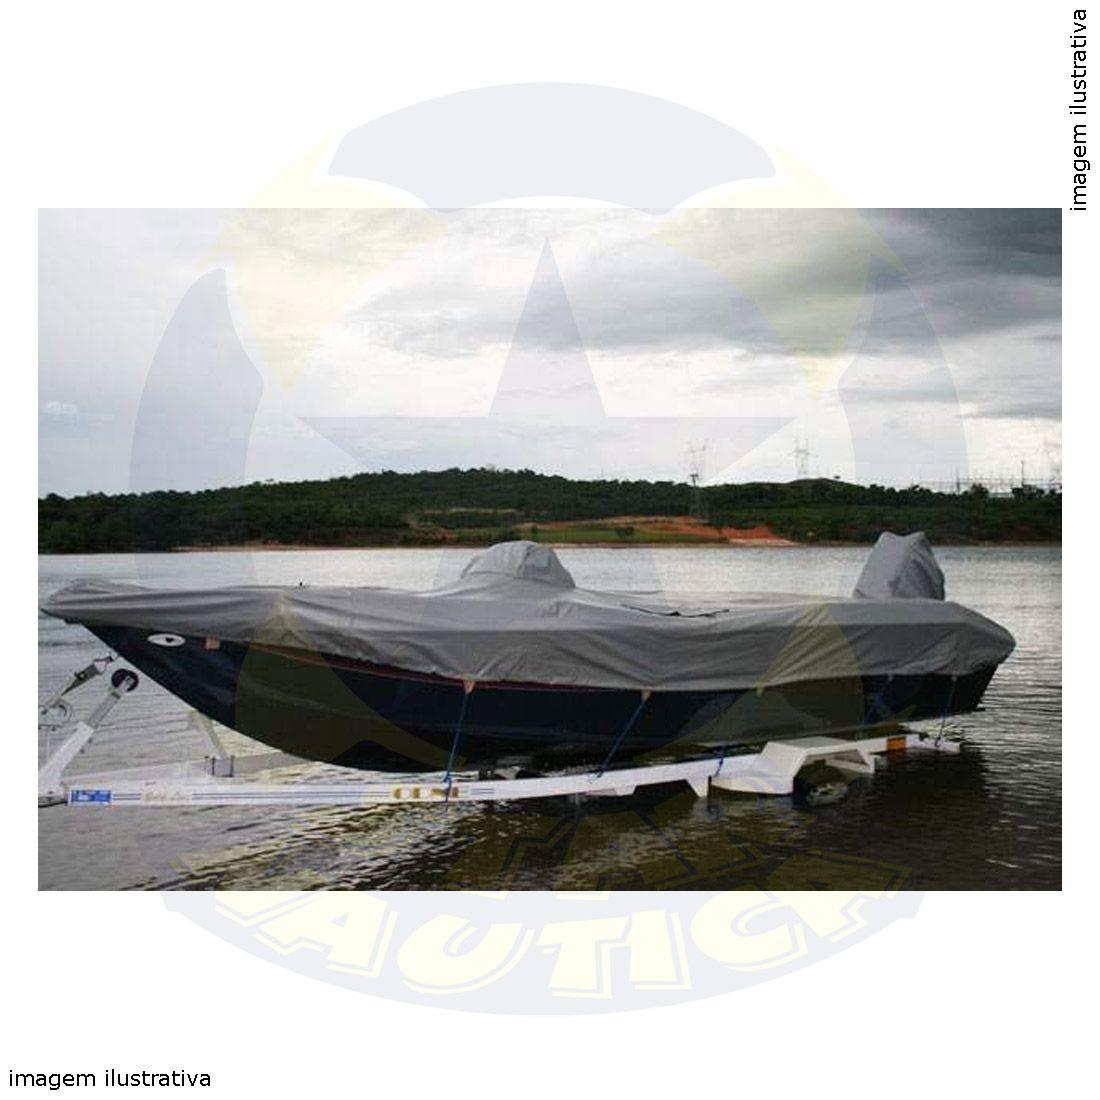 Capa Lona de Cobertura Lancha MG 175 Lona Poliéster